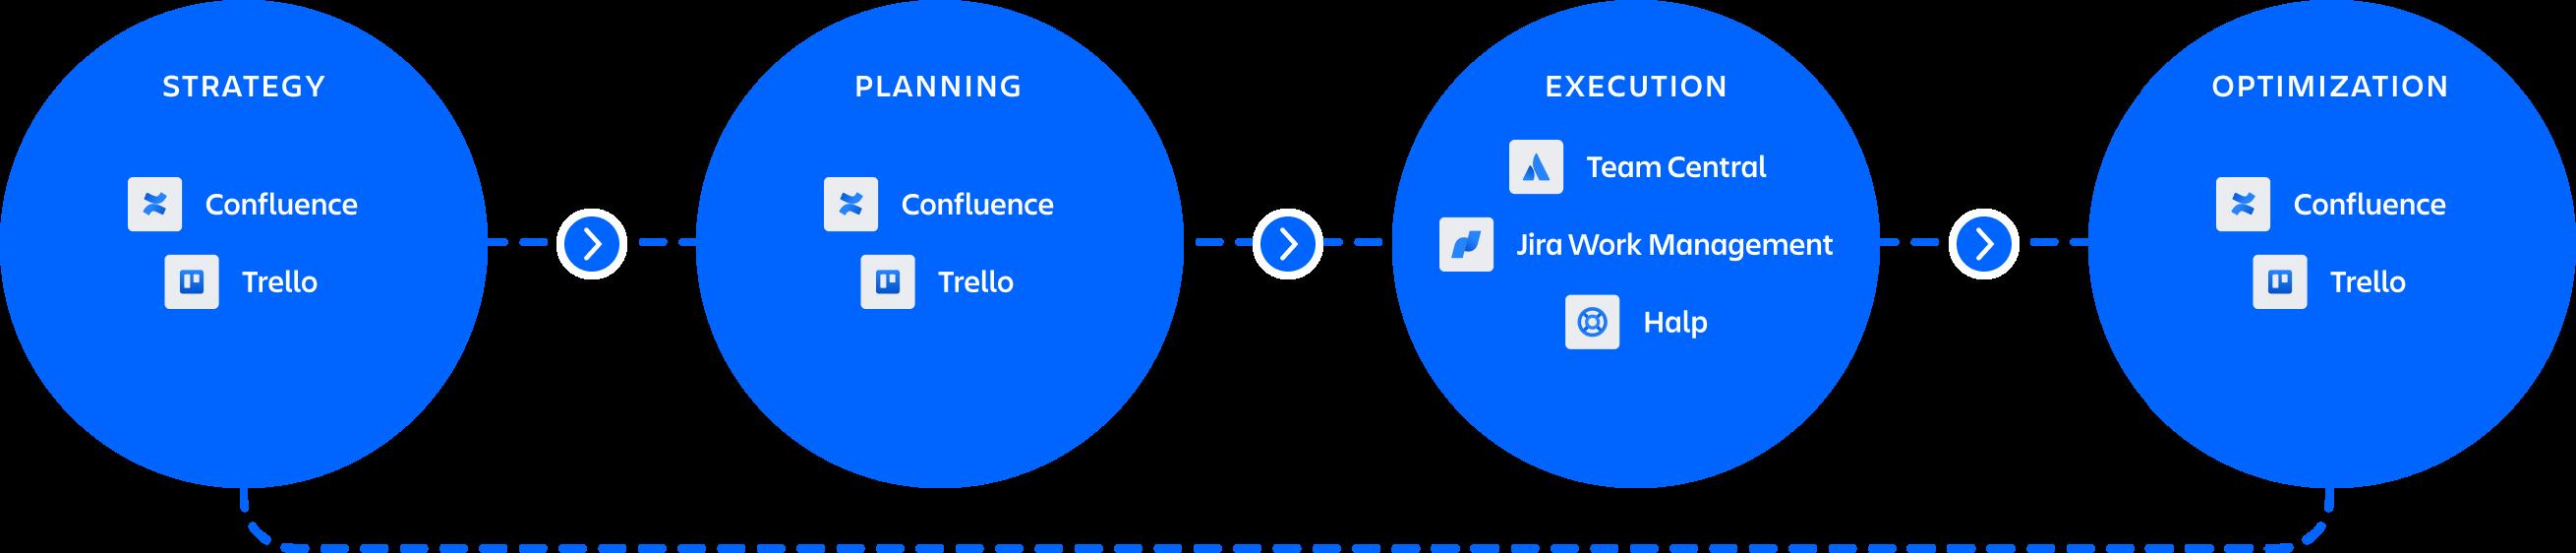 Gráfico de los productos de adquisición de talento: Confluence y Jira Work Management con productos de incorporación: Trello y Jira Work Management